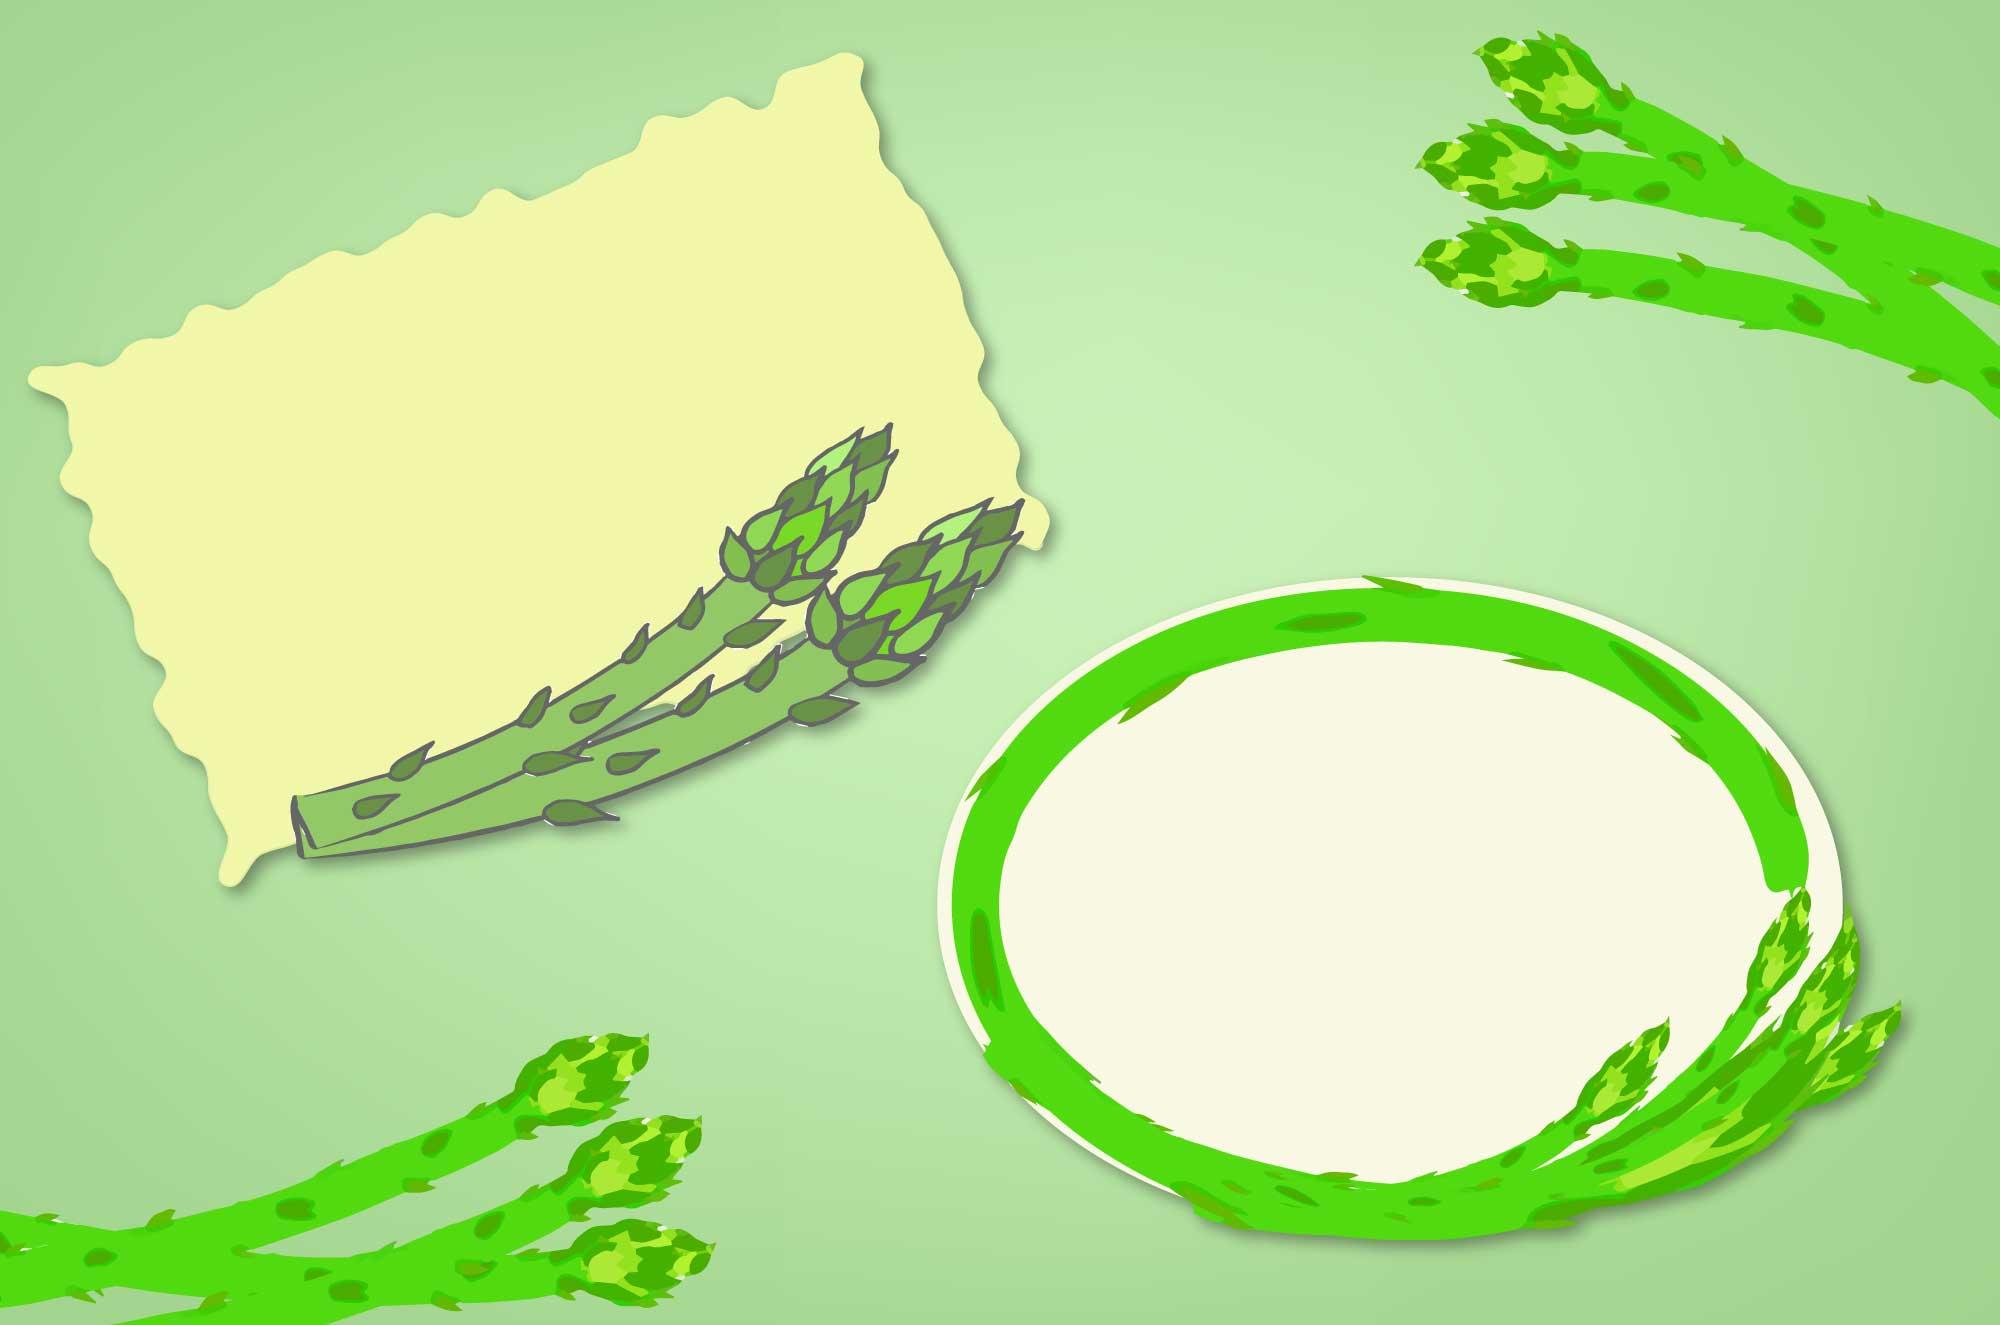 アスパラのフレーム - 楕円・四角の可愛い野菜枠素材